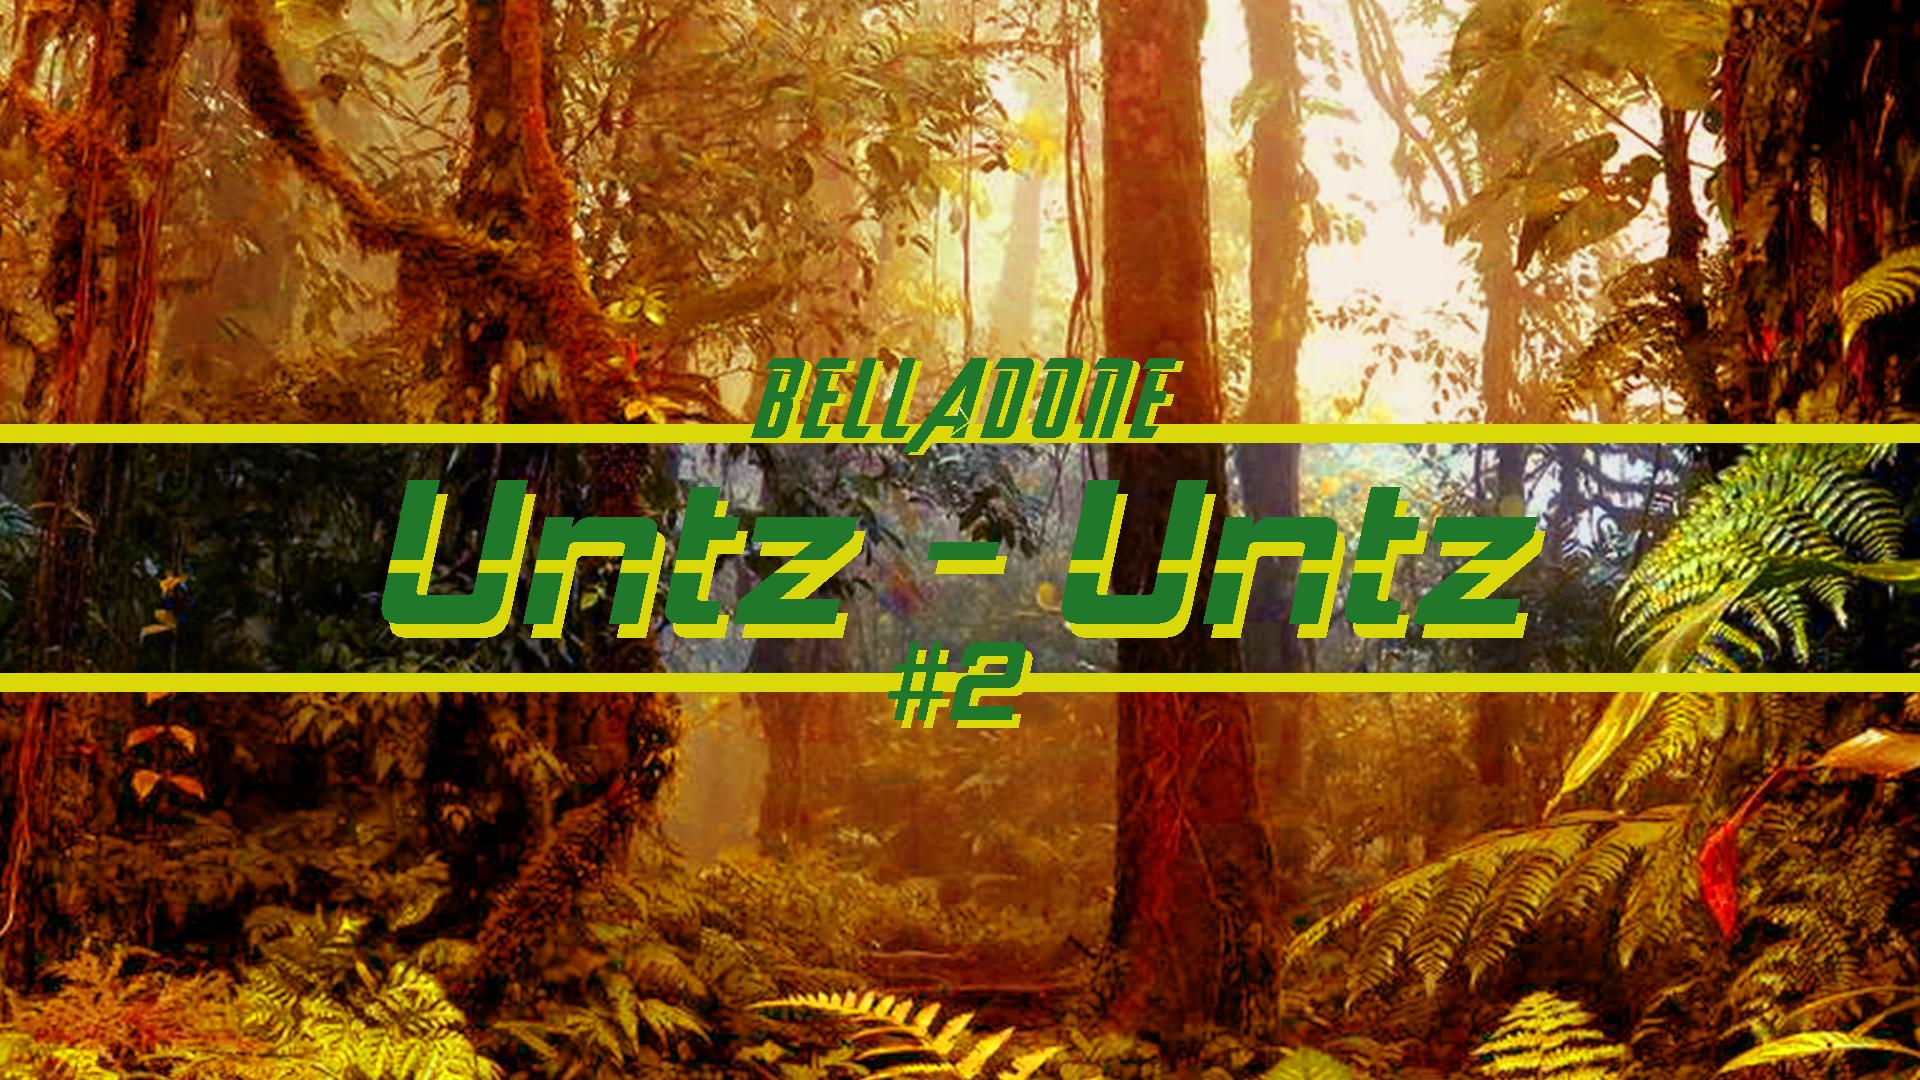 _____ untz untz _____ #2